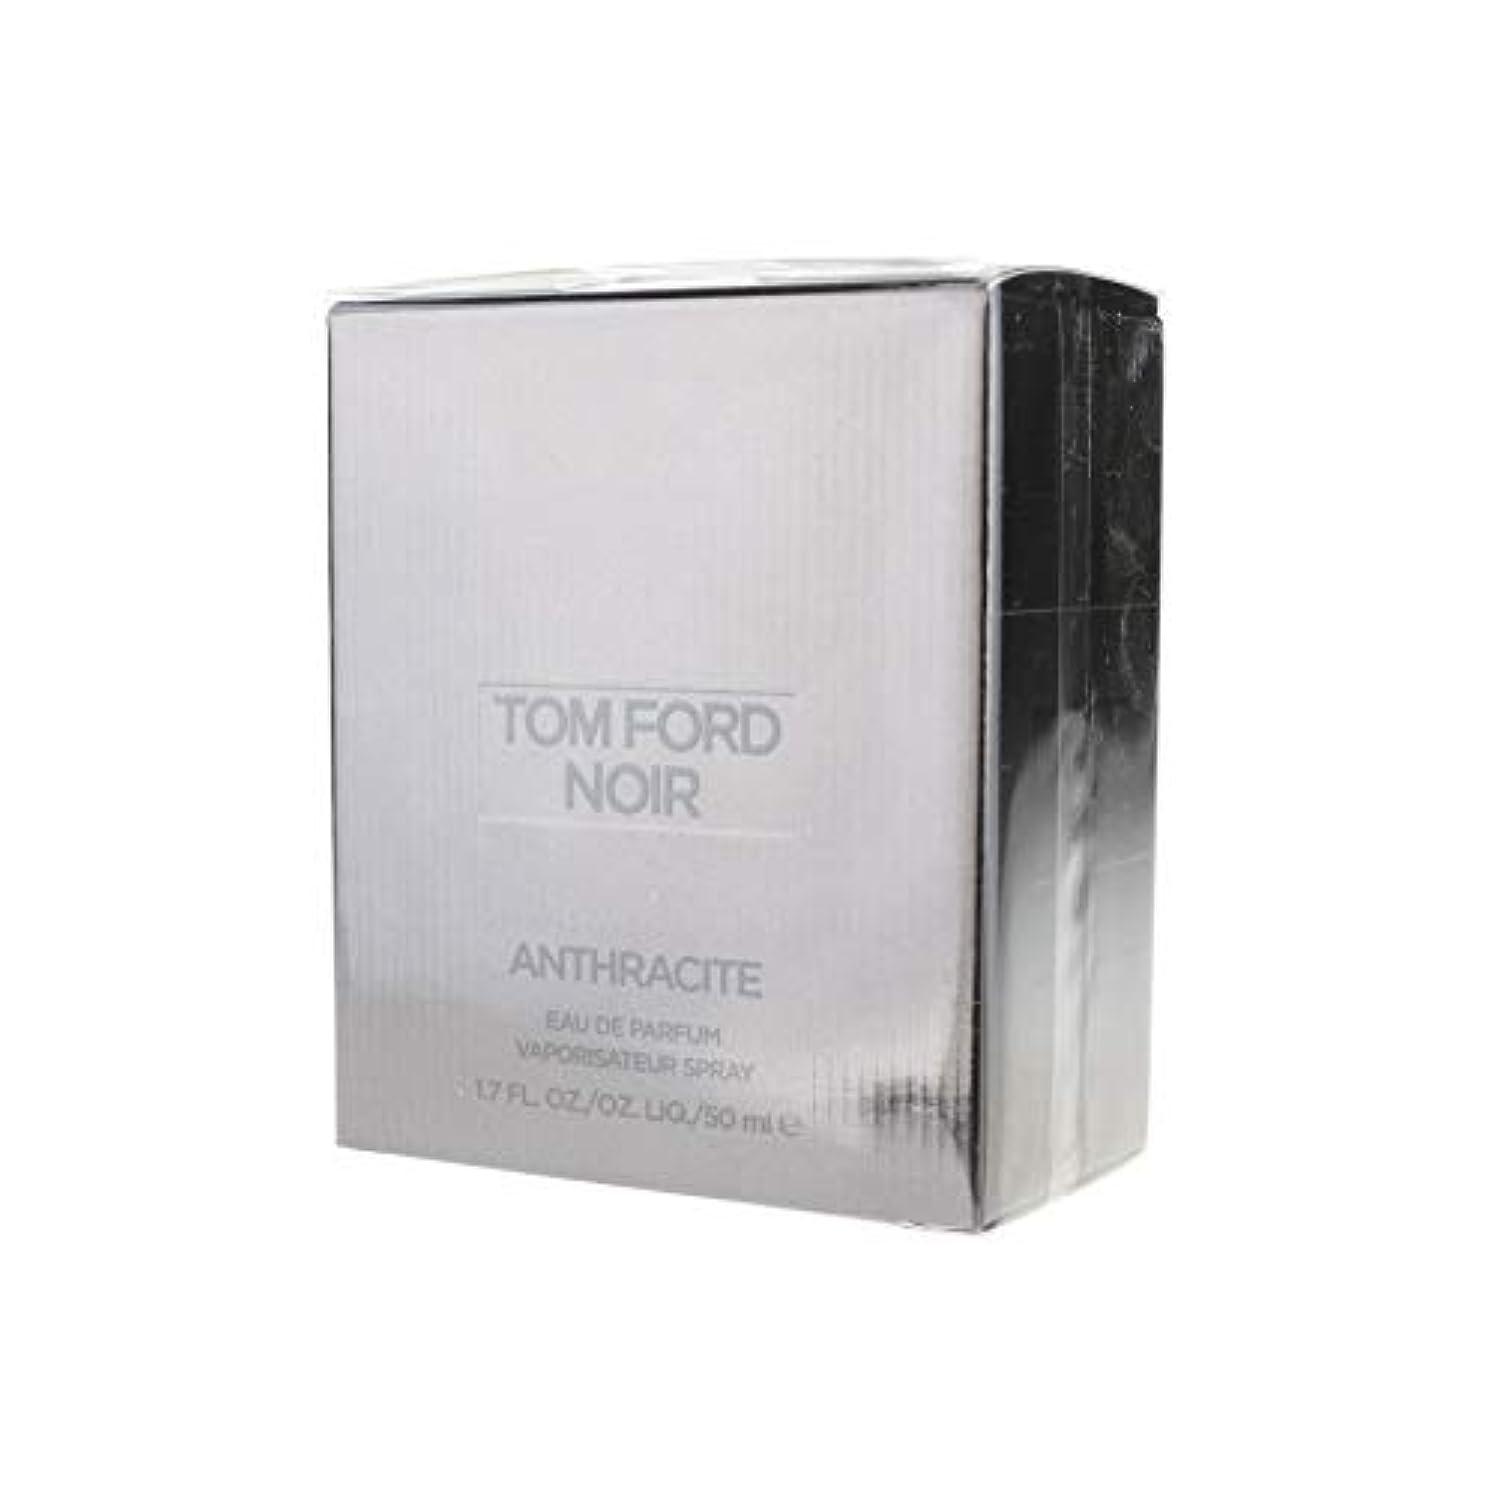 割り当てマッサージ公演Tom Ford Noir Anthracite (トムフォード ノワール アンソラシット) 1.7 oz (50ml) EDP Spray for Men